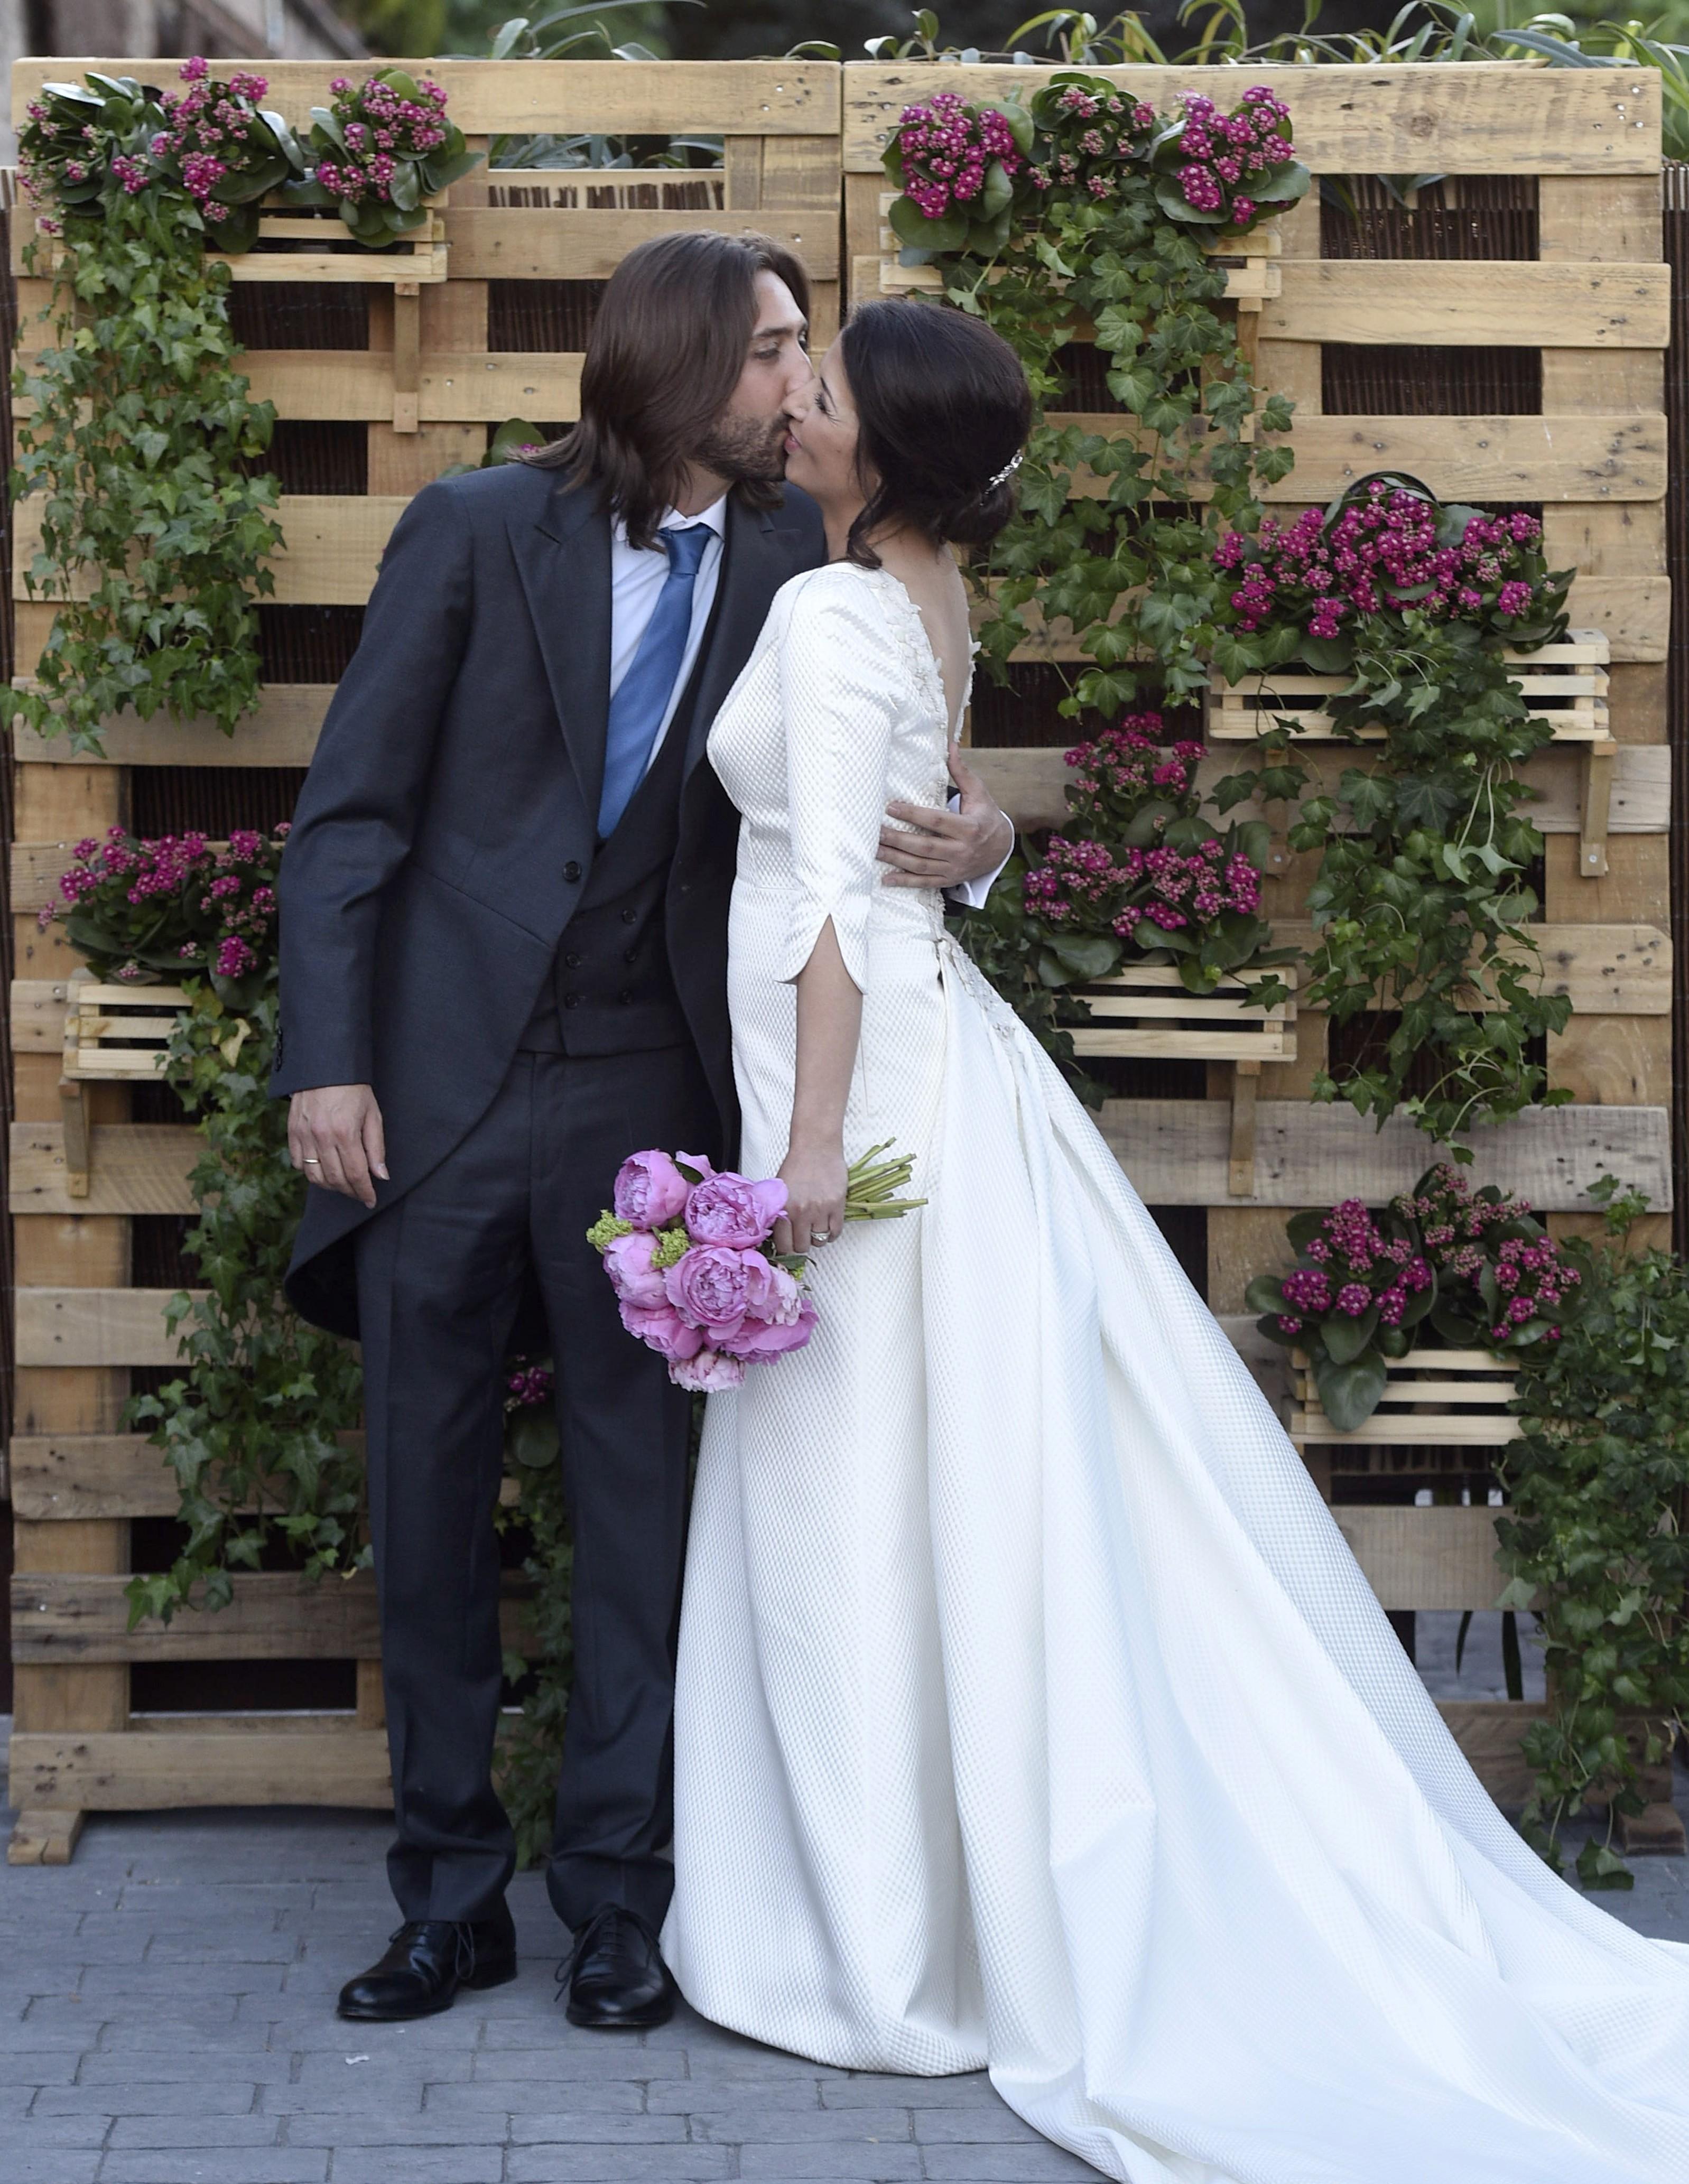 Sara Verdasco y Juan Carmona se casaron en junio de 2016 en Madrid bajo la atenta mirada de numerosos familiares y amigos.